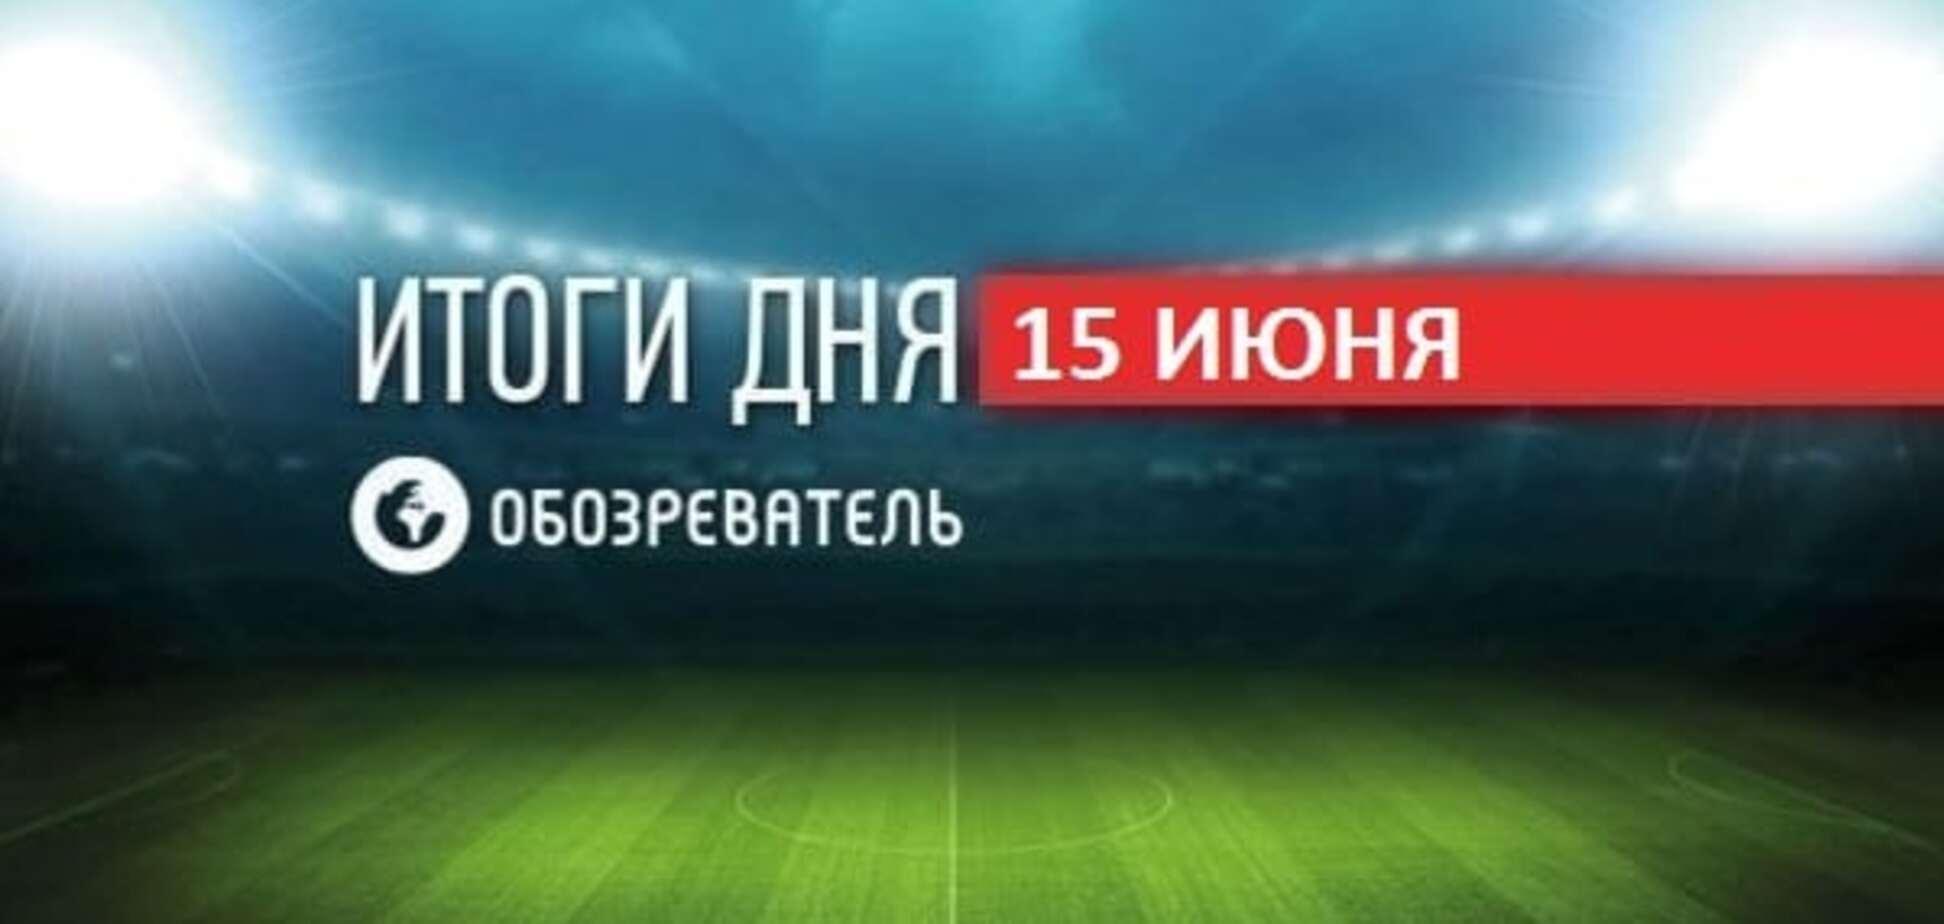 Фаны России нарушили правила УЕФА на матче со Словакией. Спортивные итоги 15 июня